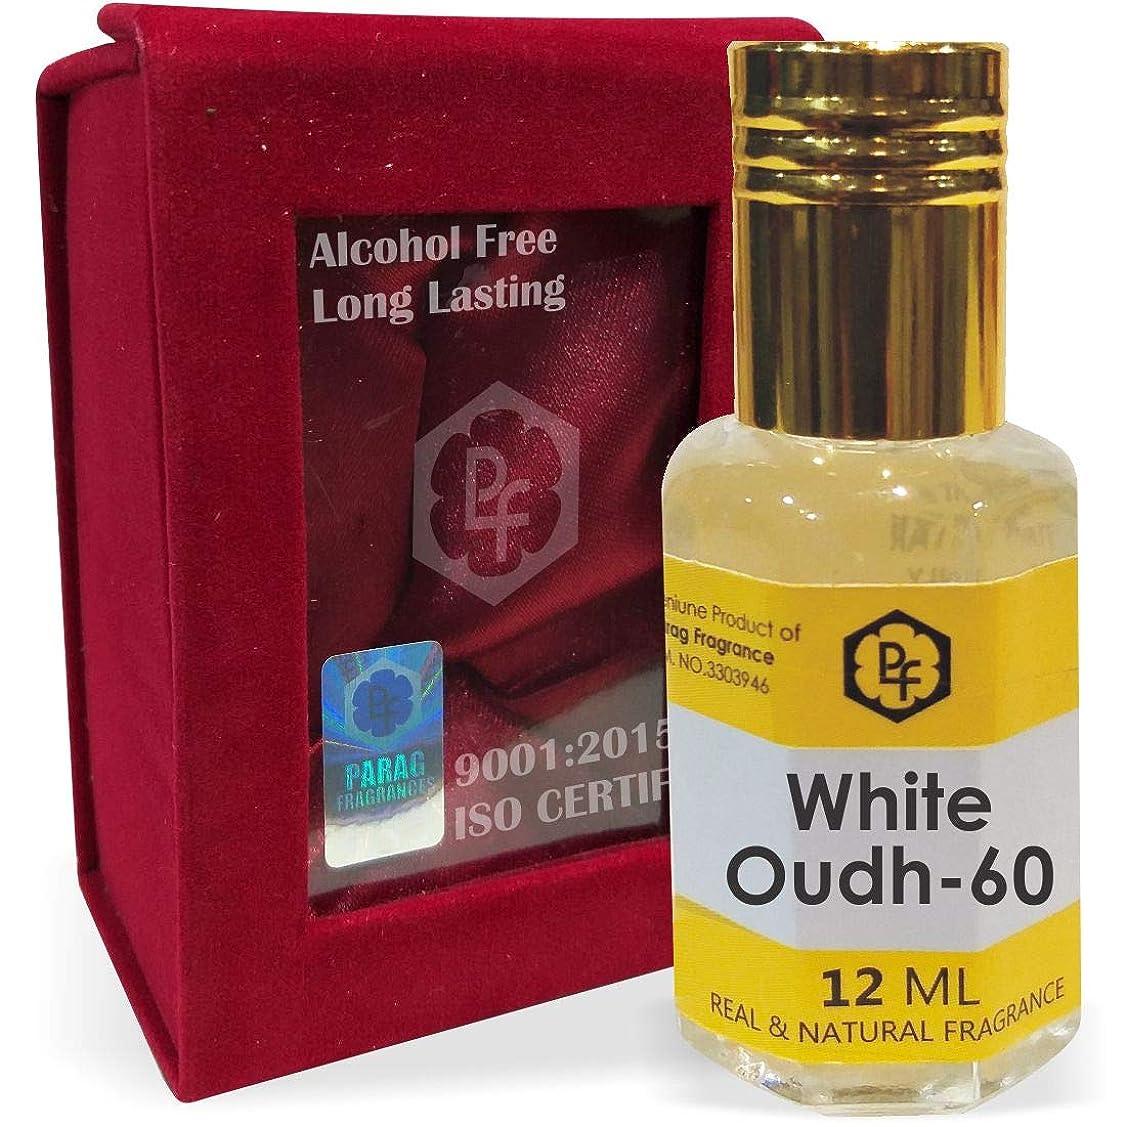 薬剤師一野心的ParagフレグランスホワイトOudh-60手作りのベルベットボックス12ミリリットル(インドの伝統的なインドのBhapkaプロセス方法製)アター/香油/フレグランスオイル|長持ちアターITRA最高の品質